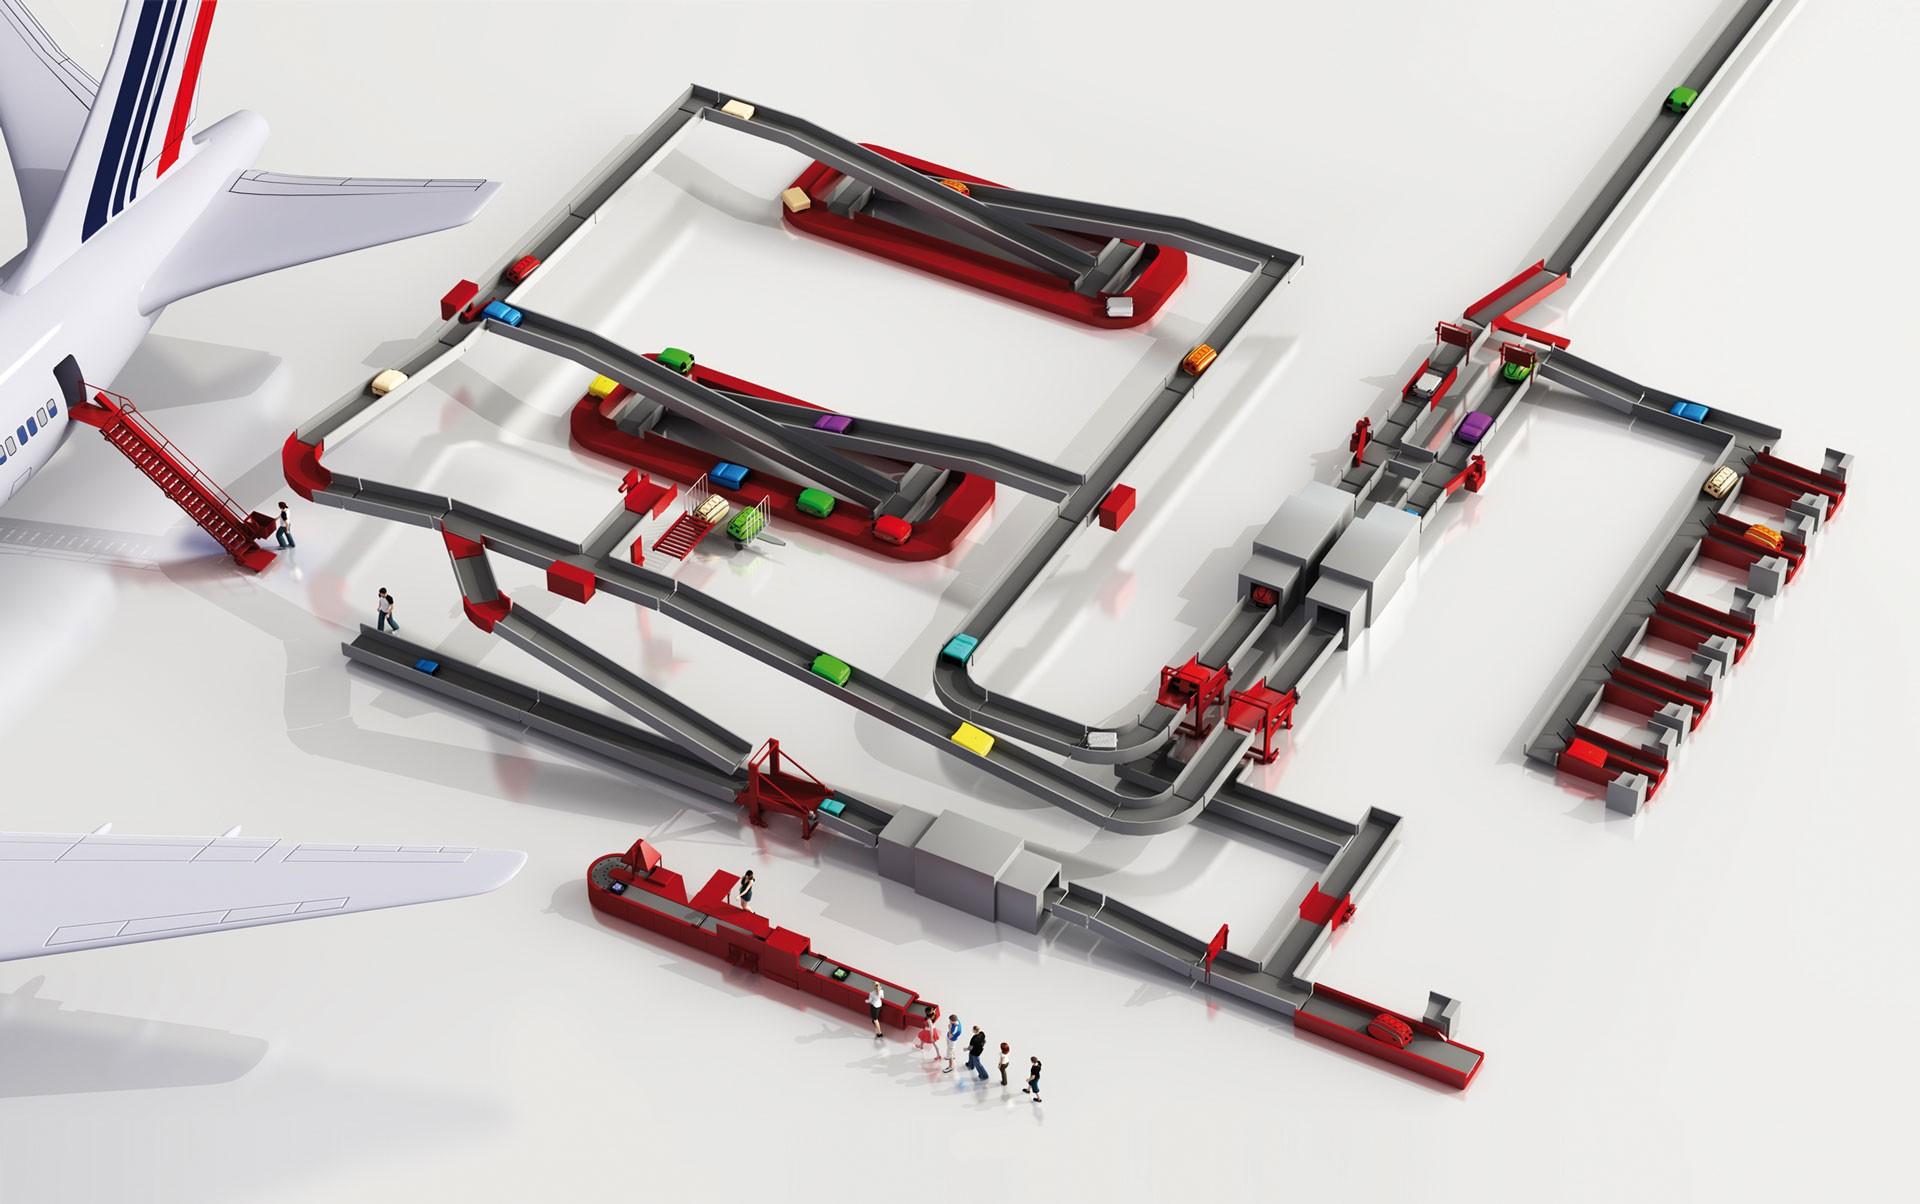 motion06 gmbh ist Spezialist für Gepäckförderung sowie Waren- und Materialfluss in der Intralogistik